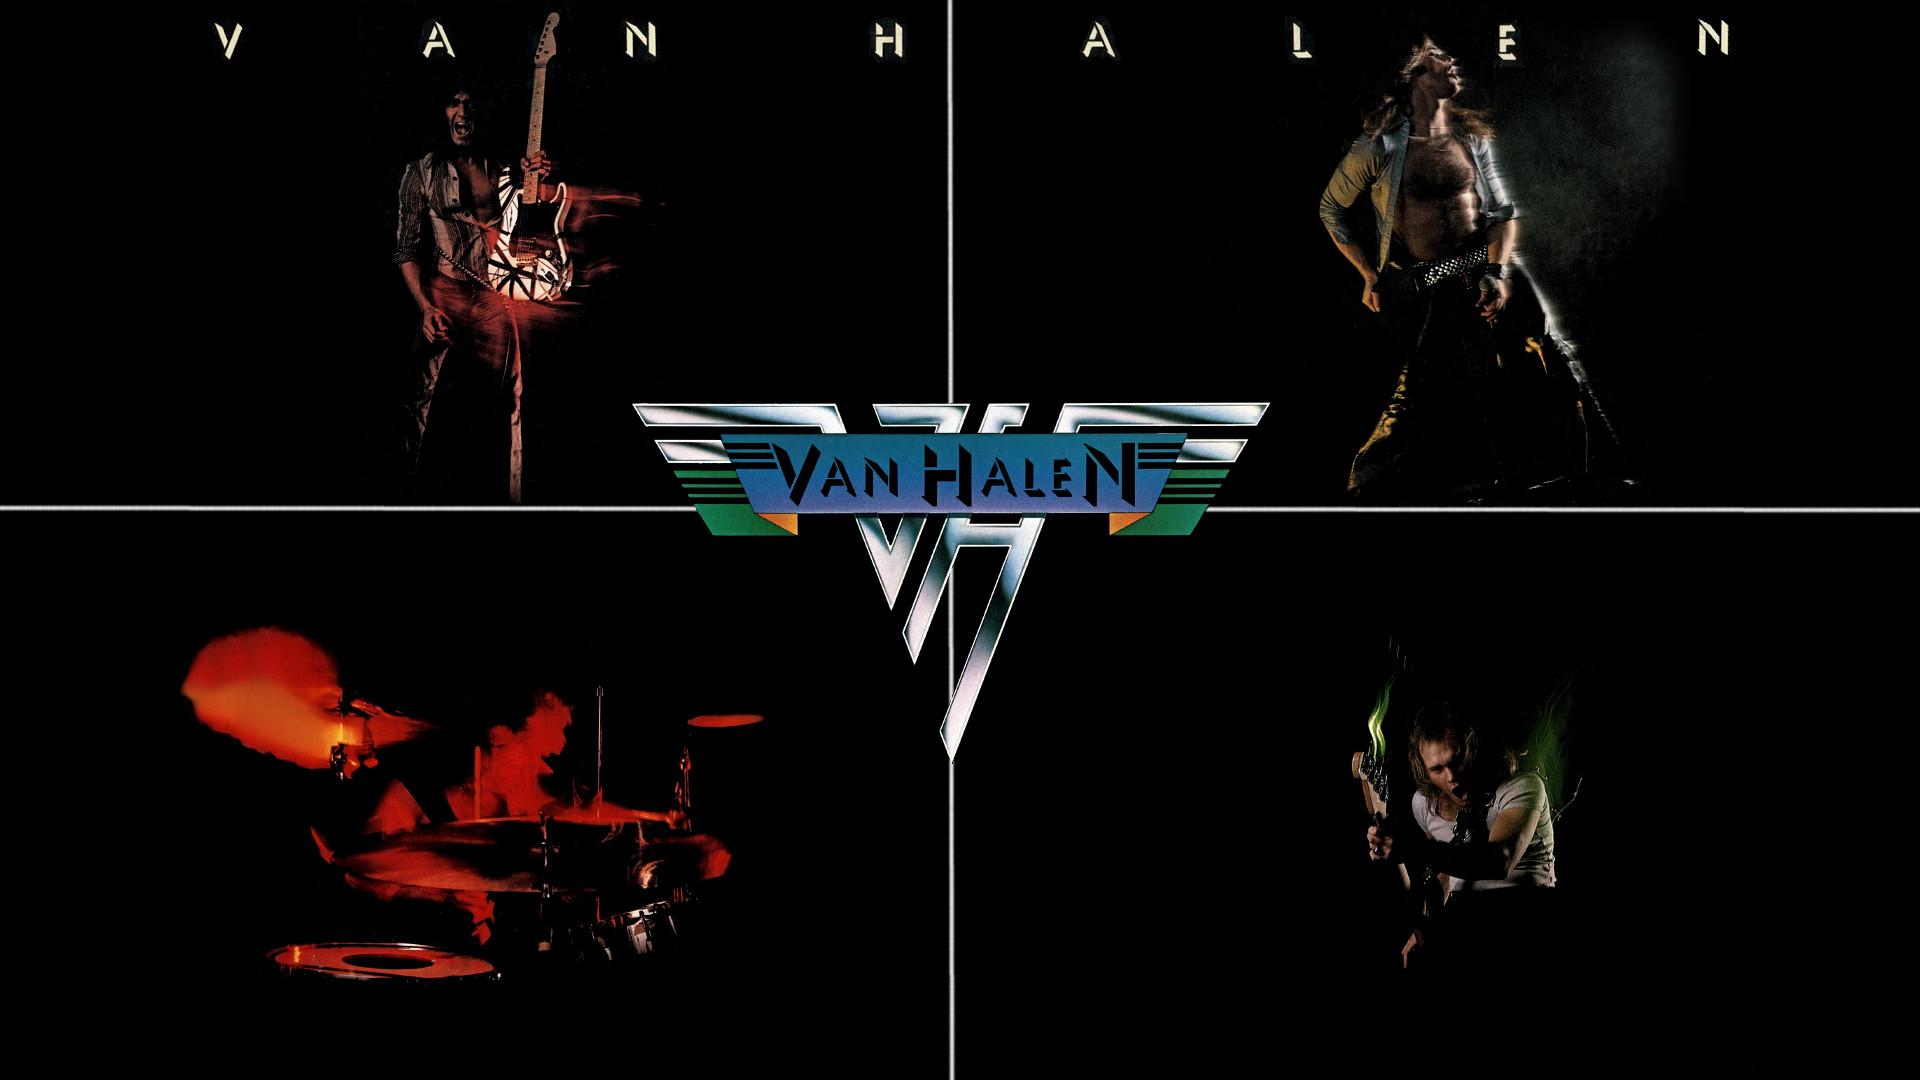 Res: 1920x1080, VAN HALEN heavy metal hard rock bands f wallpaper  74141